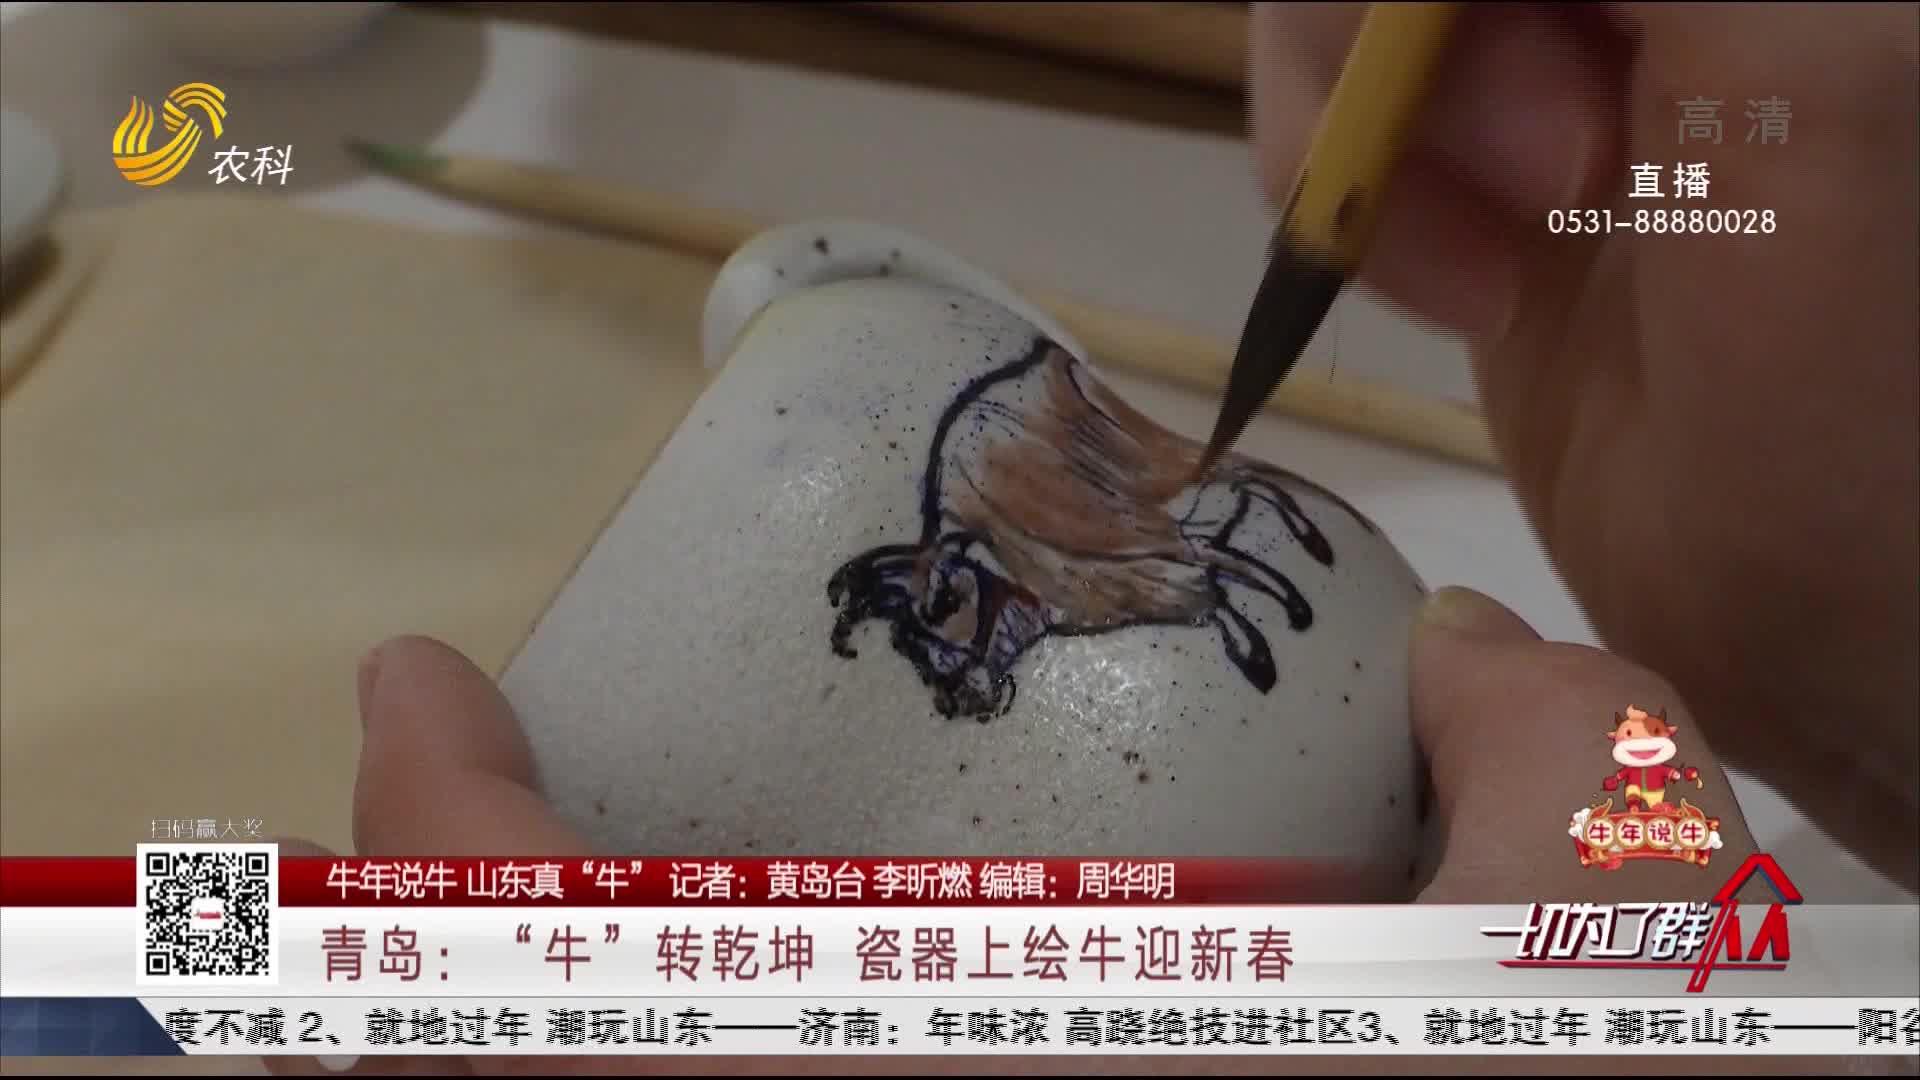 """【牛年说牛 山东真""""牛""""】青岛:""""牛""""转乾坤 瓷器上绘牛迎新春"""